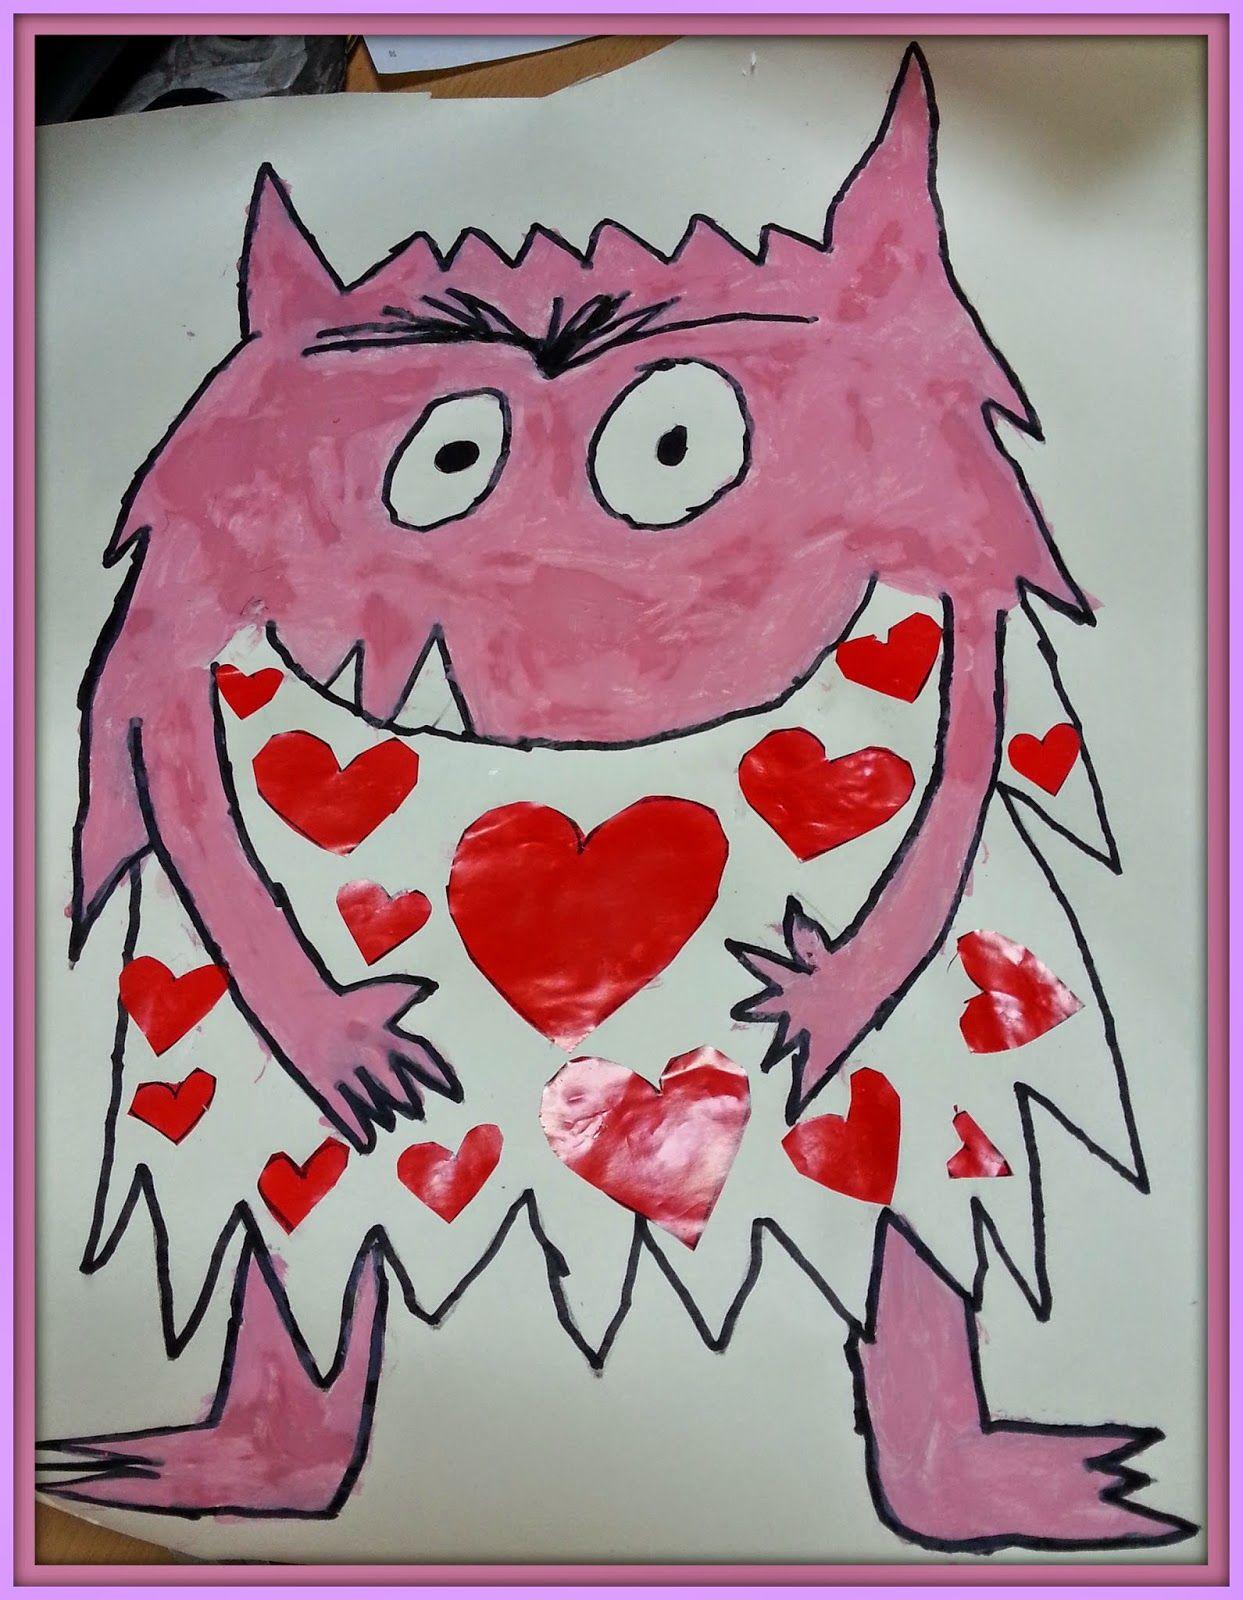 Pintando sonrisas de colores: El monstruo de colores. Siento amor cuando.